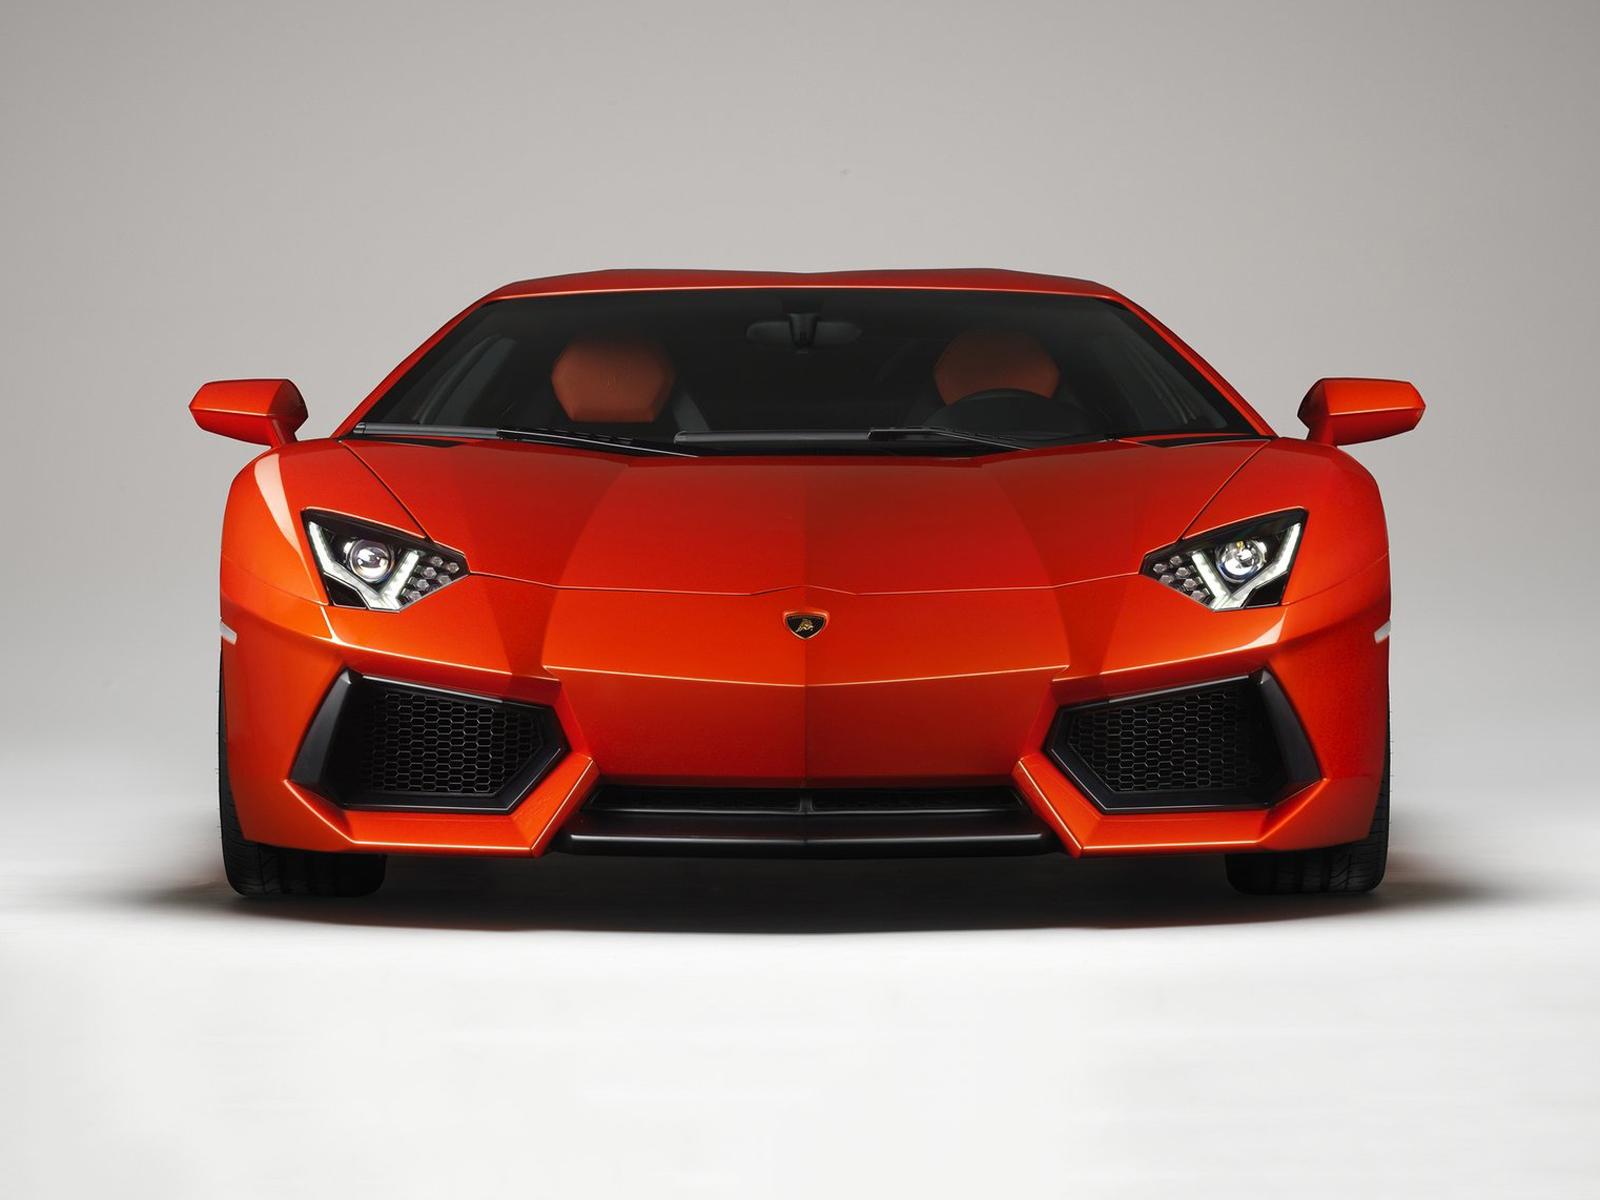 Lamborghini Aventador Todas Las Versiones Del Mercado Precios Y